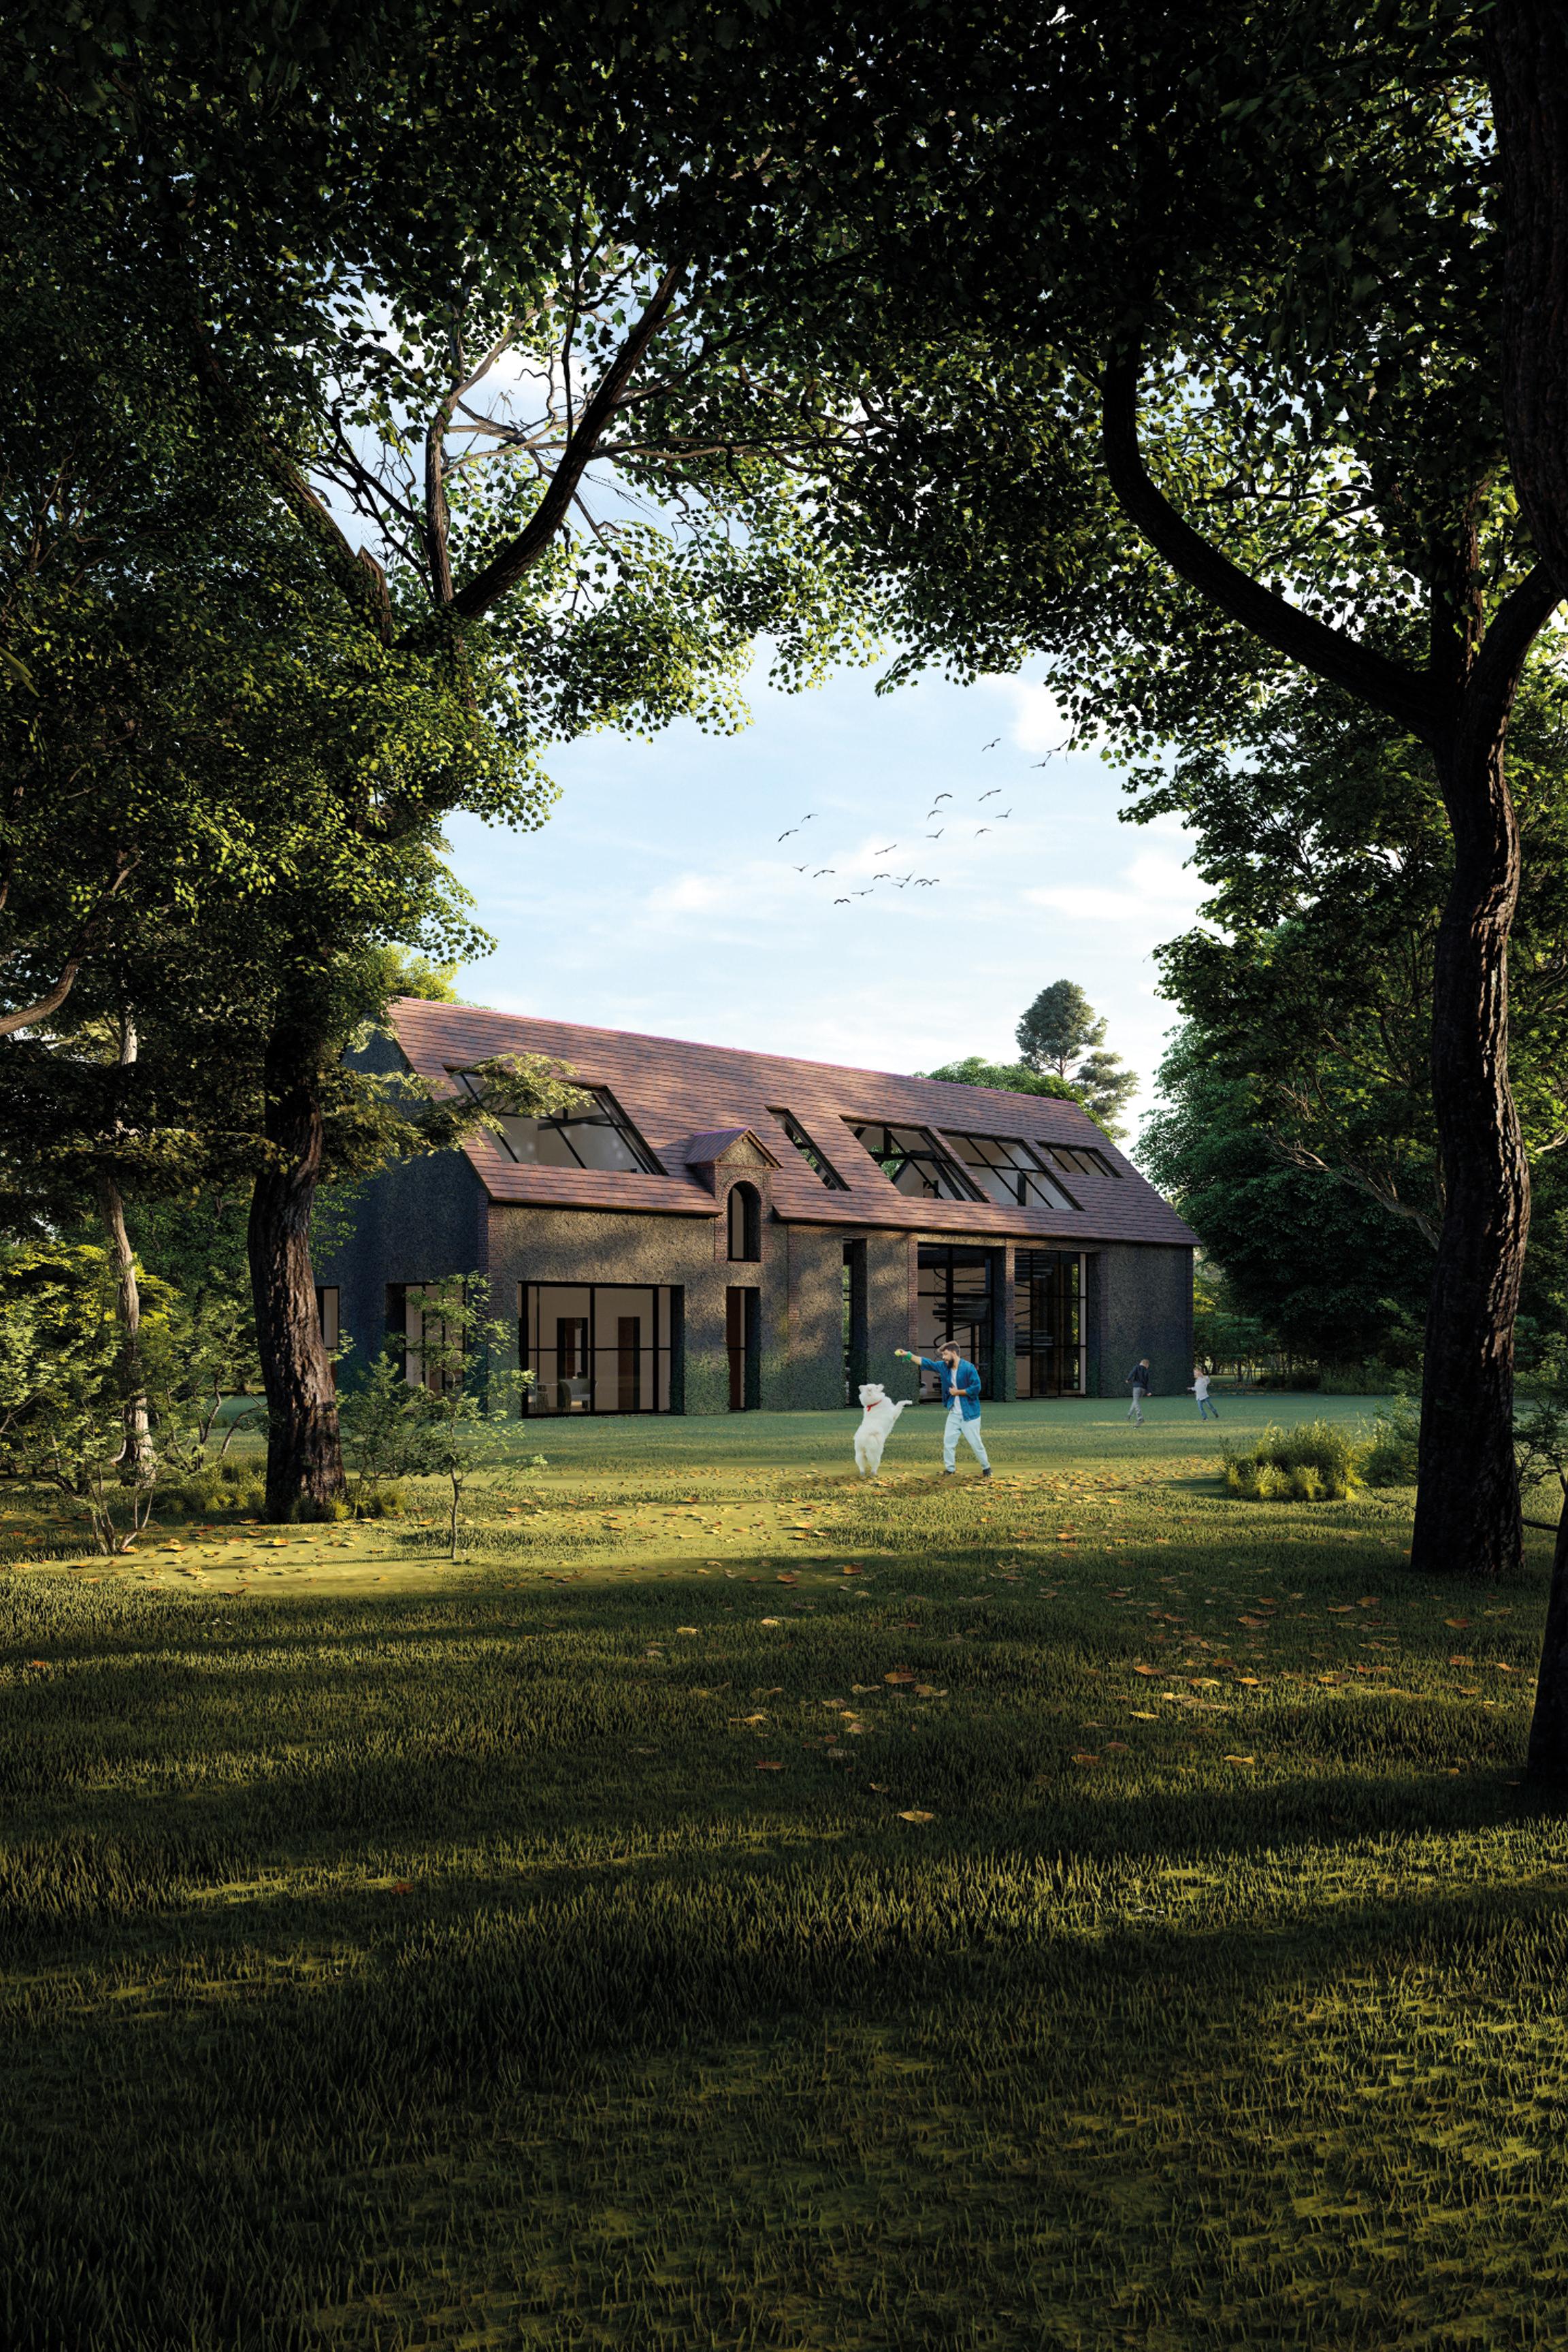 Requalification d'une grange, rénovation de bâtiment agricole, transformation d'une grange en habitat, faire sa maison dans une grange, grange rénovée, contraste ancien-moderne